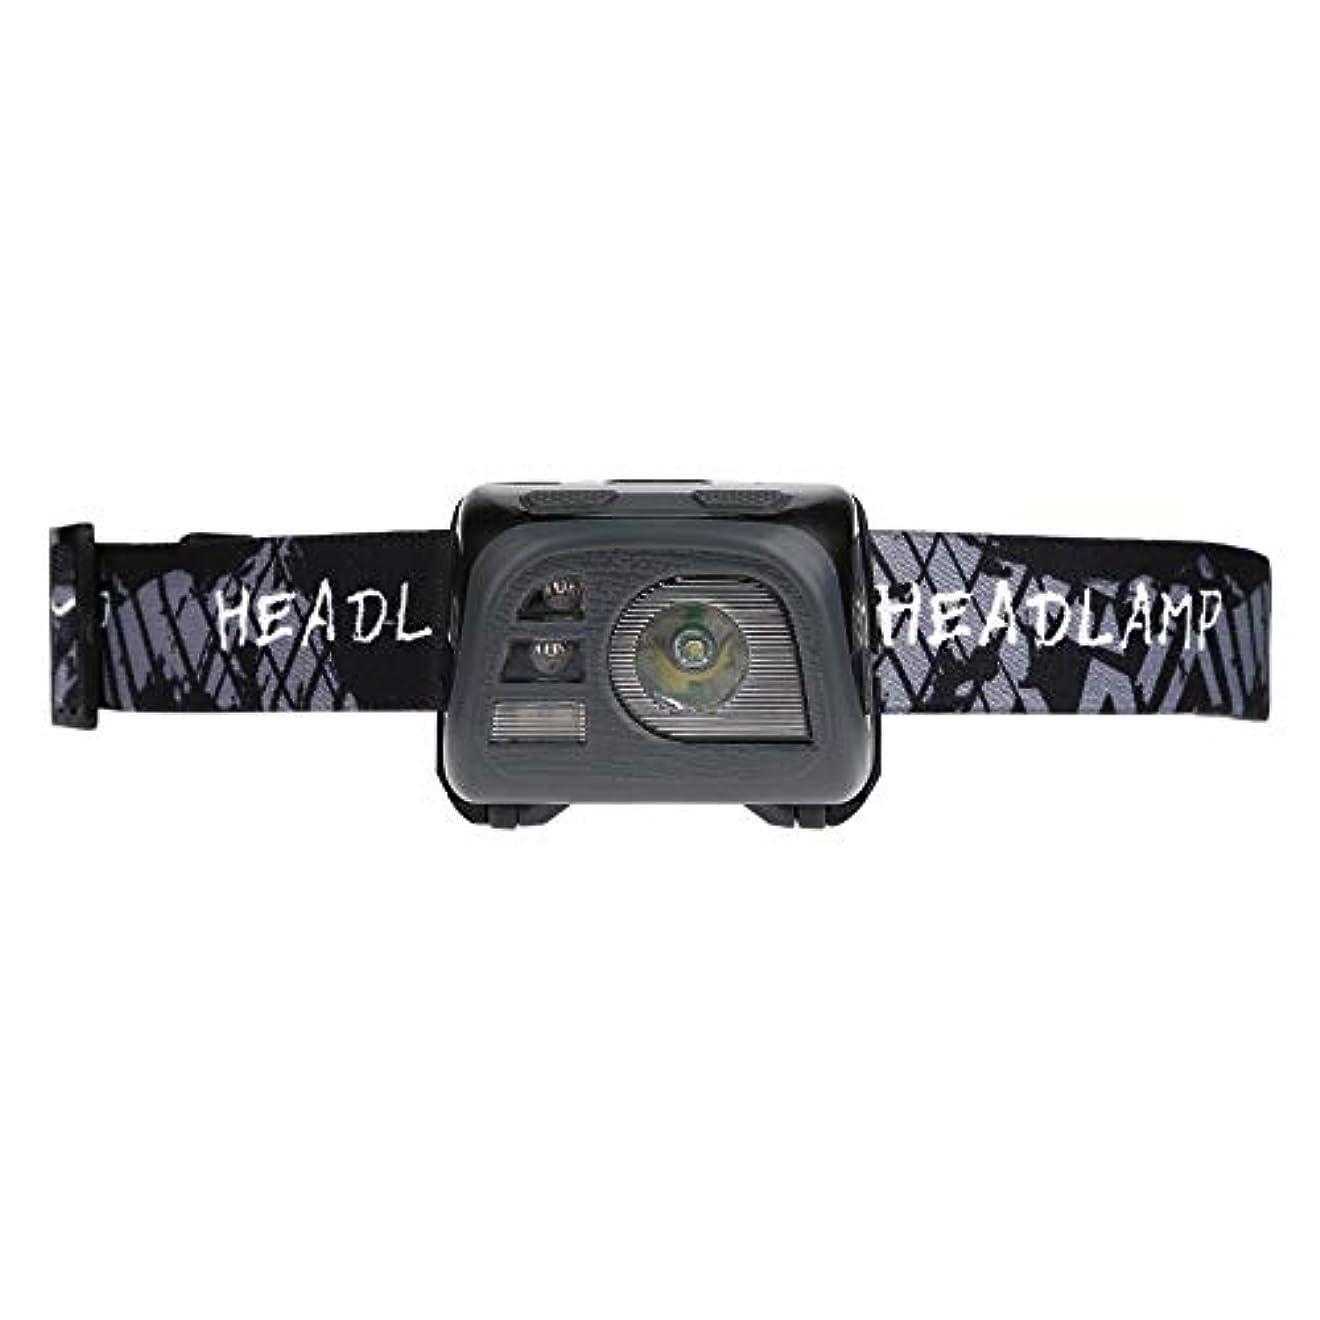 流産吸う防衛LED ヘッドライト 5モード調光 センサー 2スイッチ USB充電式 IPX4防水 電量表示機能付き 高輝度LED 作業灯 防災 登山 釣り ランニング 夜釣り キャンプ 対応 実用的 軽量 調整可能 ヘルメットライト ランタン 4色選べ Matefieldjp